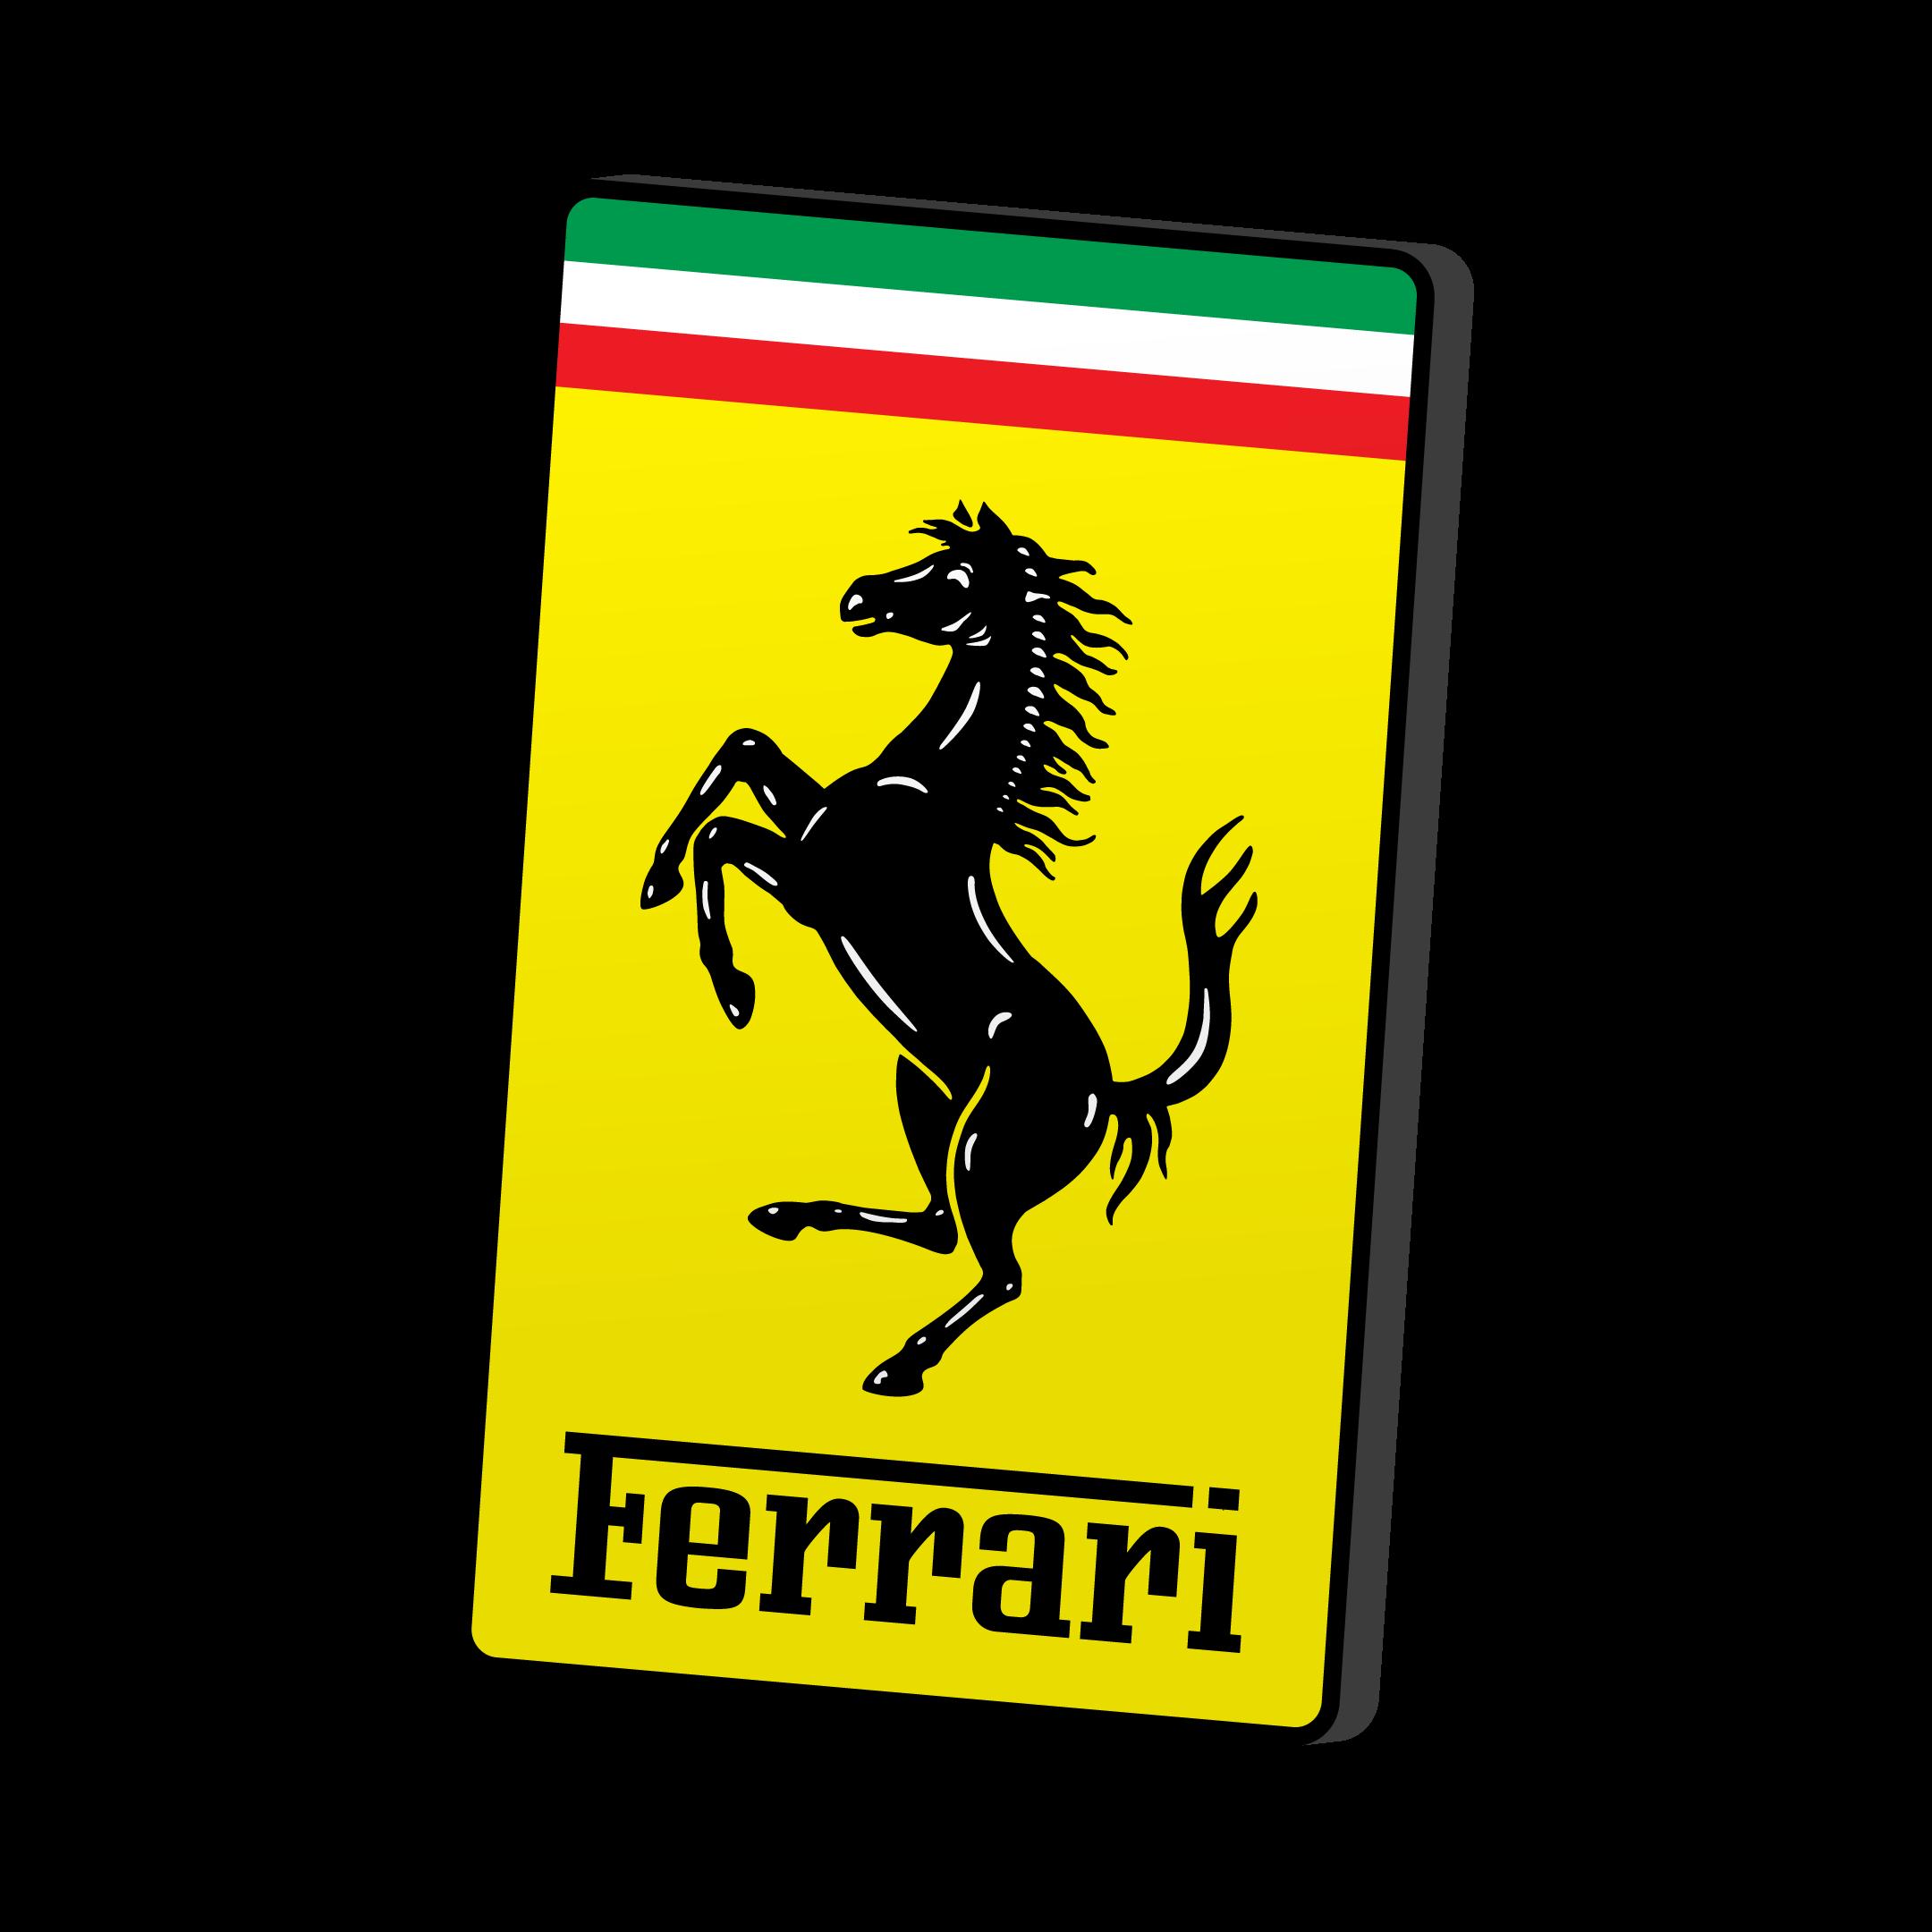 How to invest in Ferrari